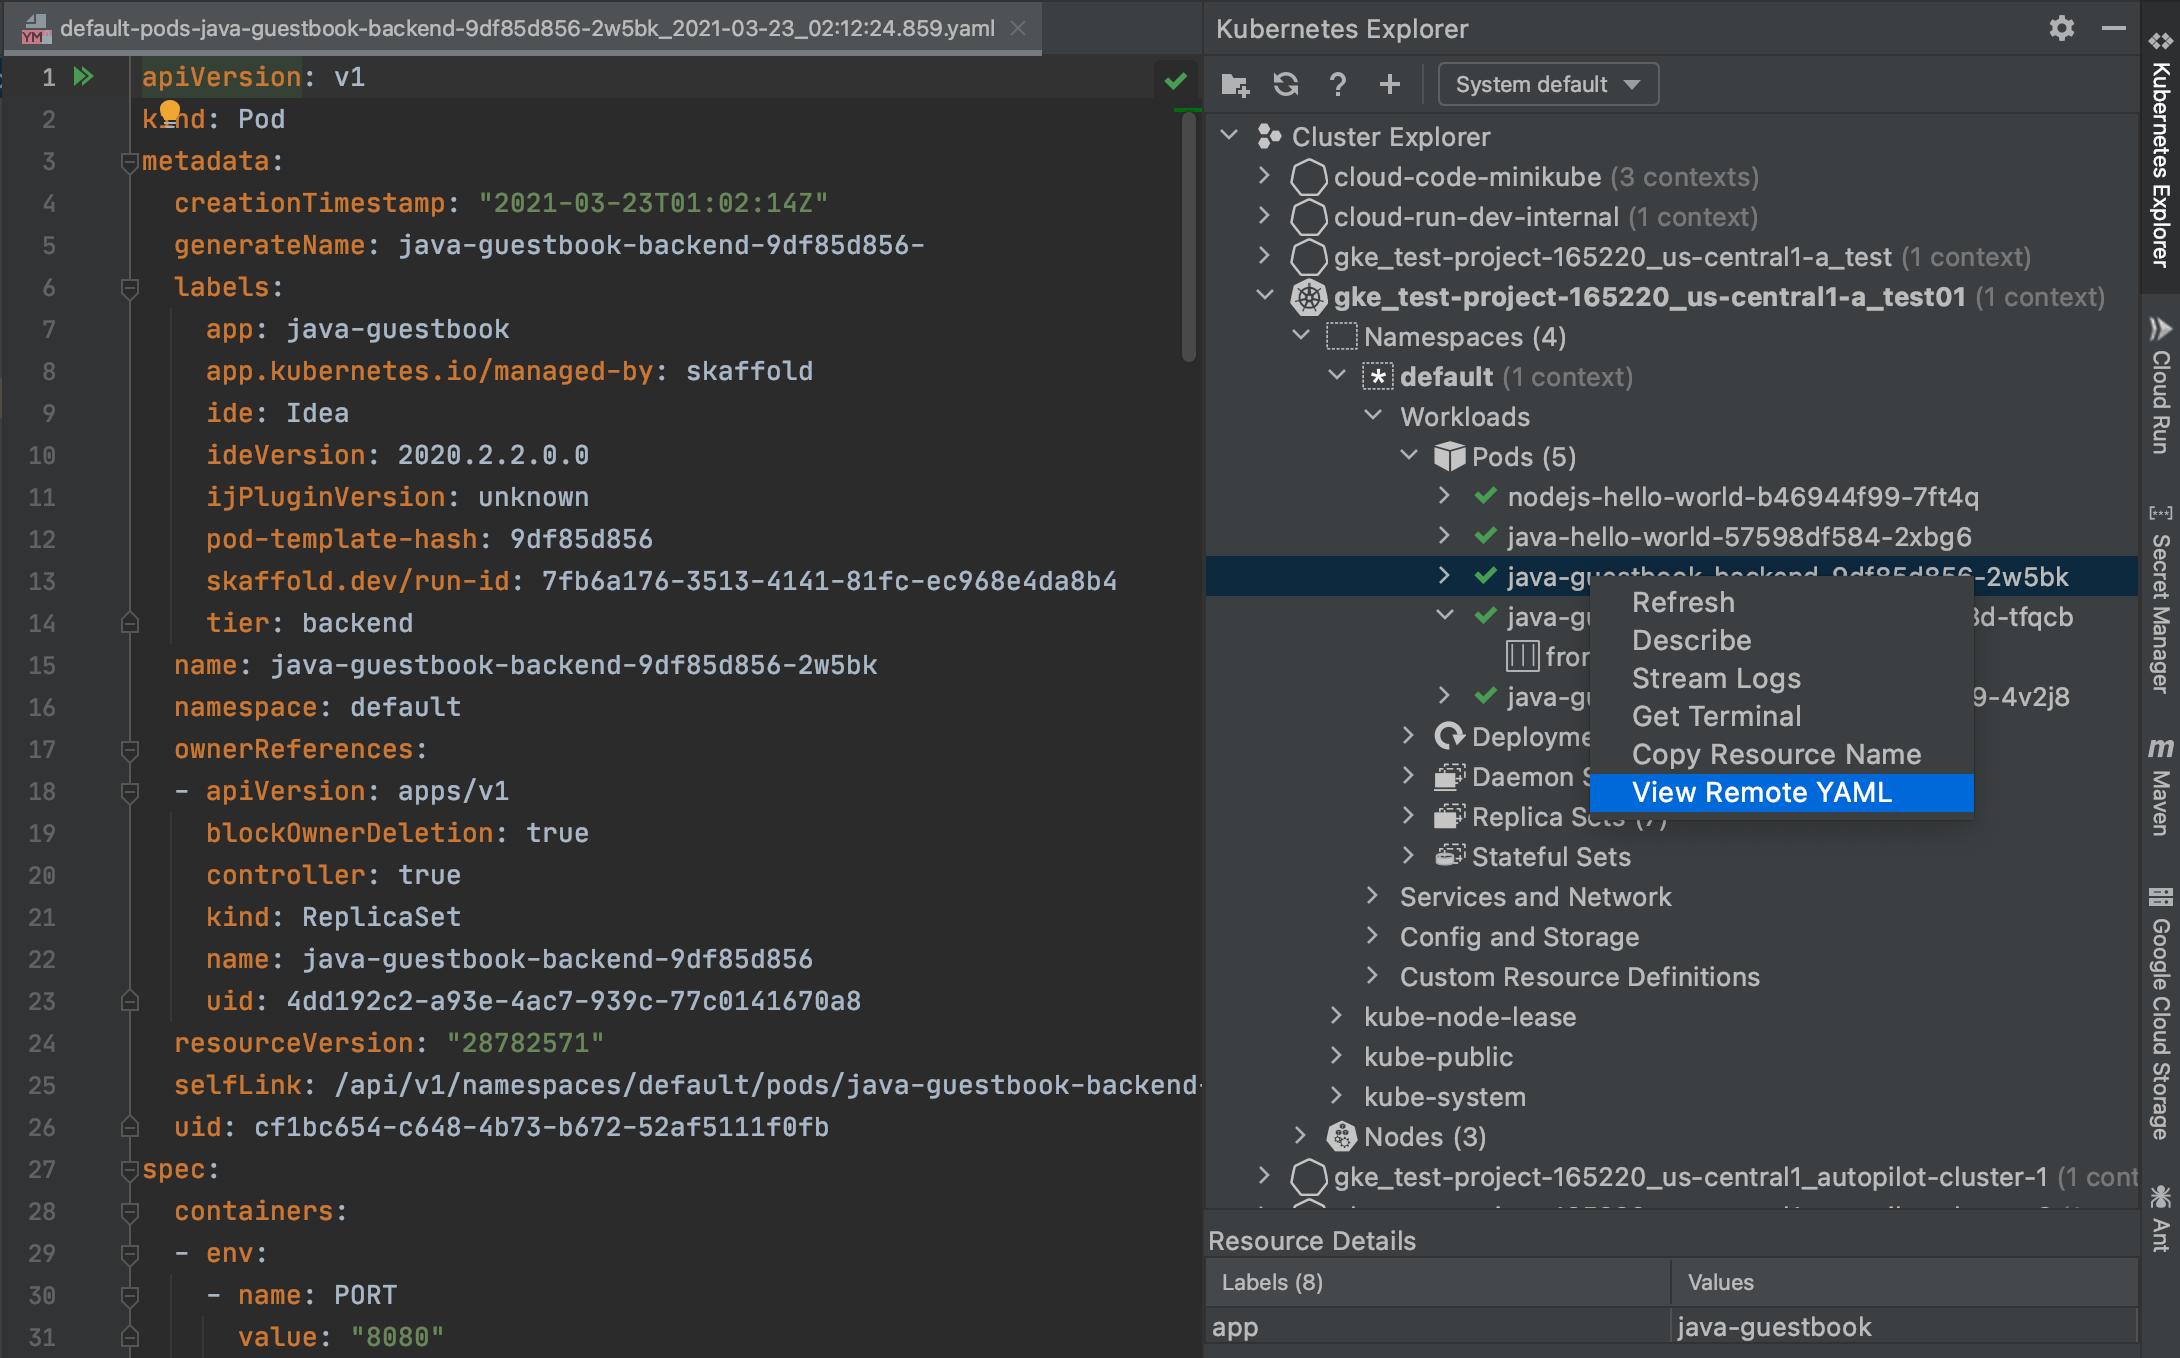 """Visualização do YAML de um pod ao clicar com o botão direito do mouse no rótulo dele no Kubernetes Explorer e selecionando """"Visualizar YAML remoto"""""""